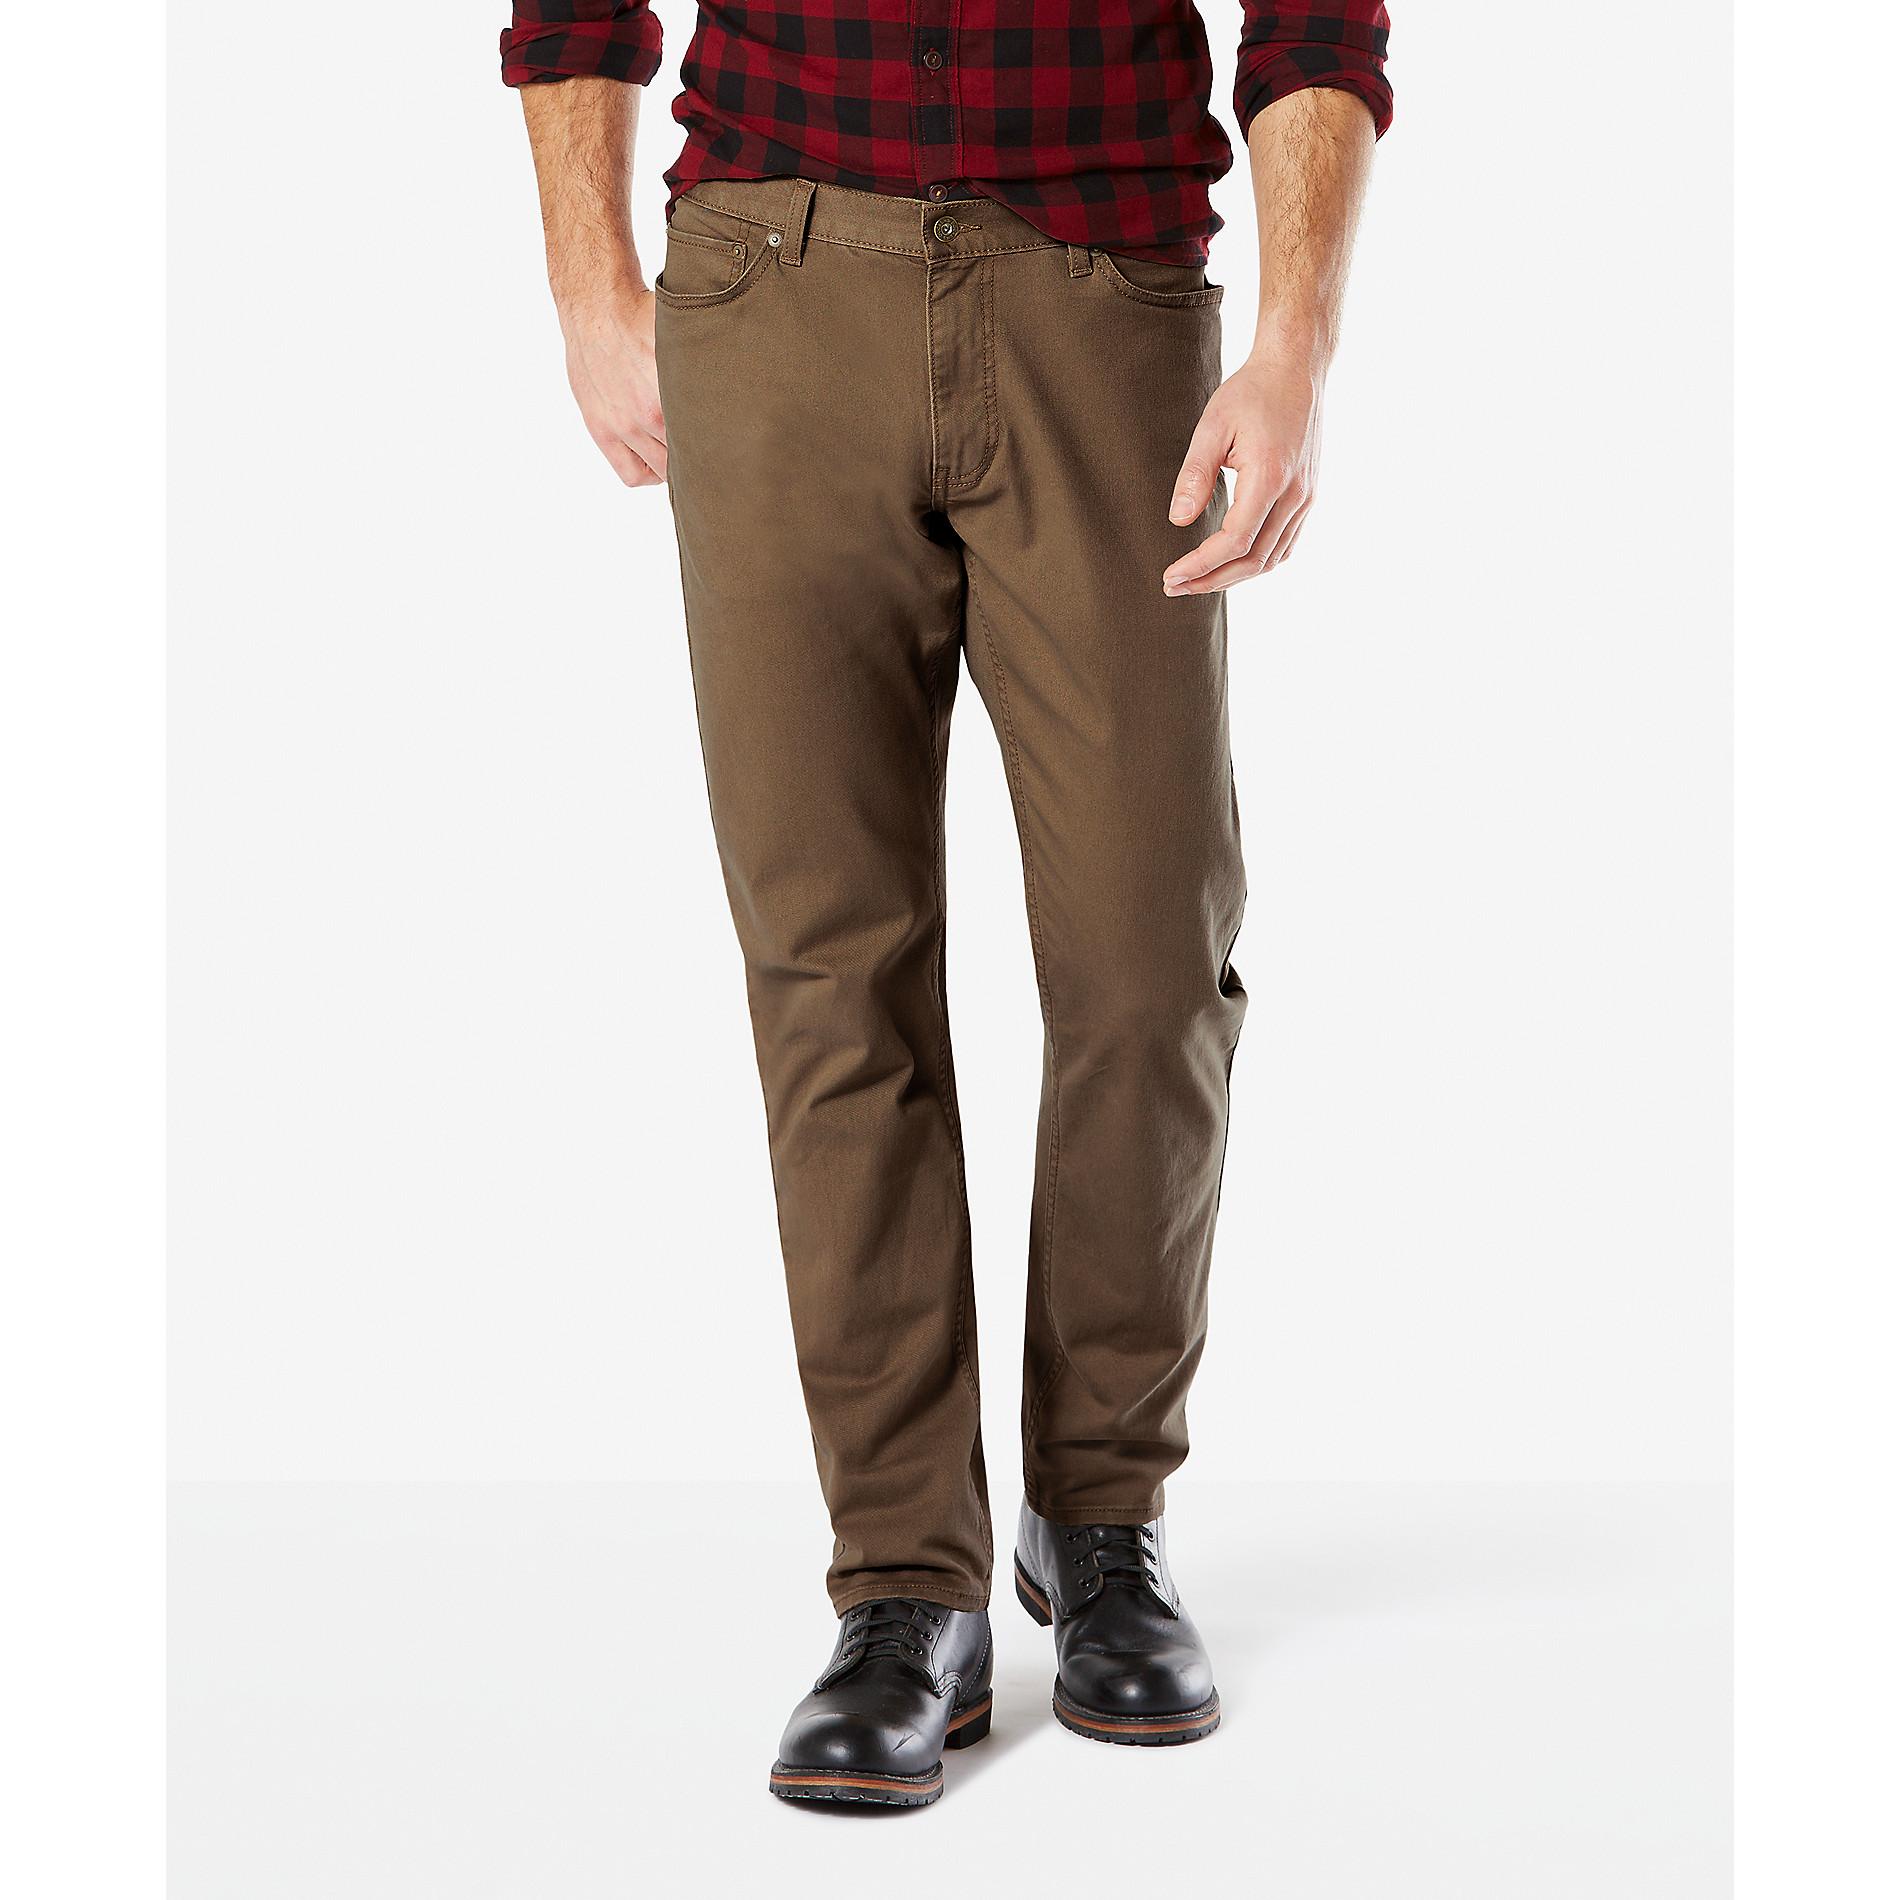 Mens Big  Tall Pants  Sears